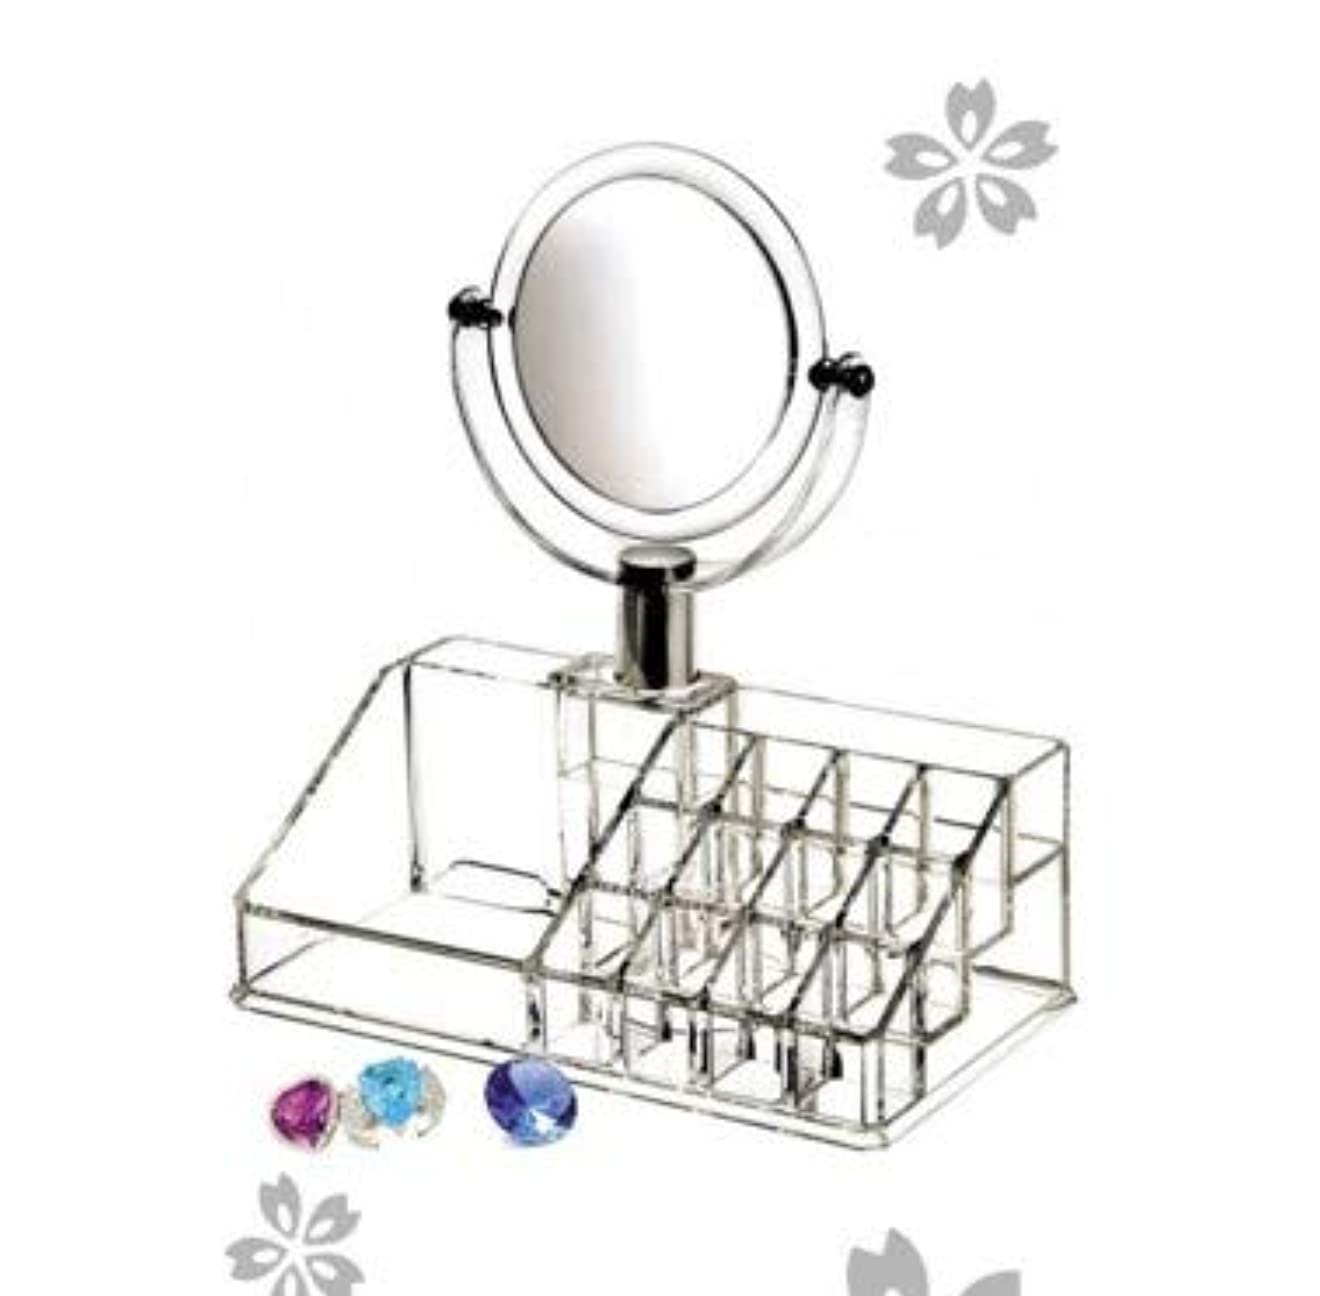 迷彩研磨拍手する単層デスクトップ収納ボックス化粧品ケース透明化粧品収納ボックススキンケア収納ラック